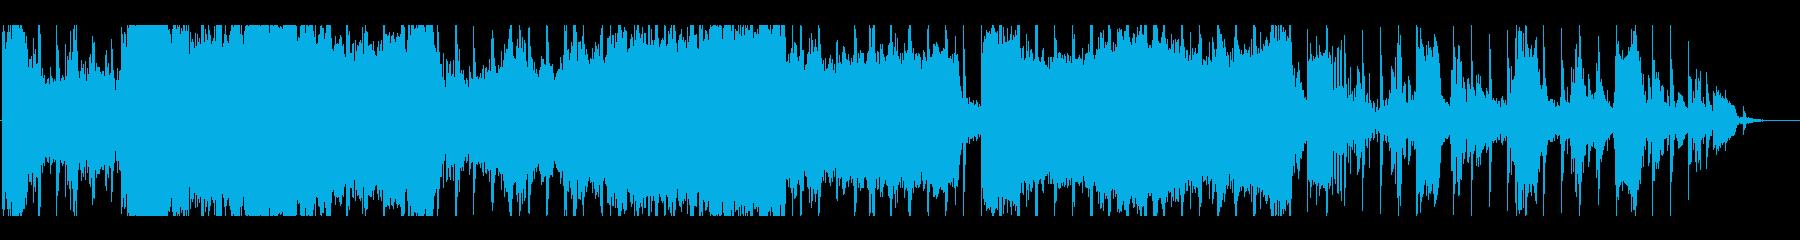 ダークかつノイジーなアンビエントの再生済みの波形